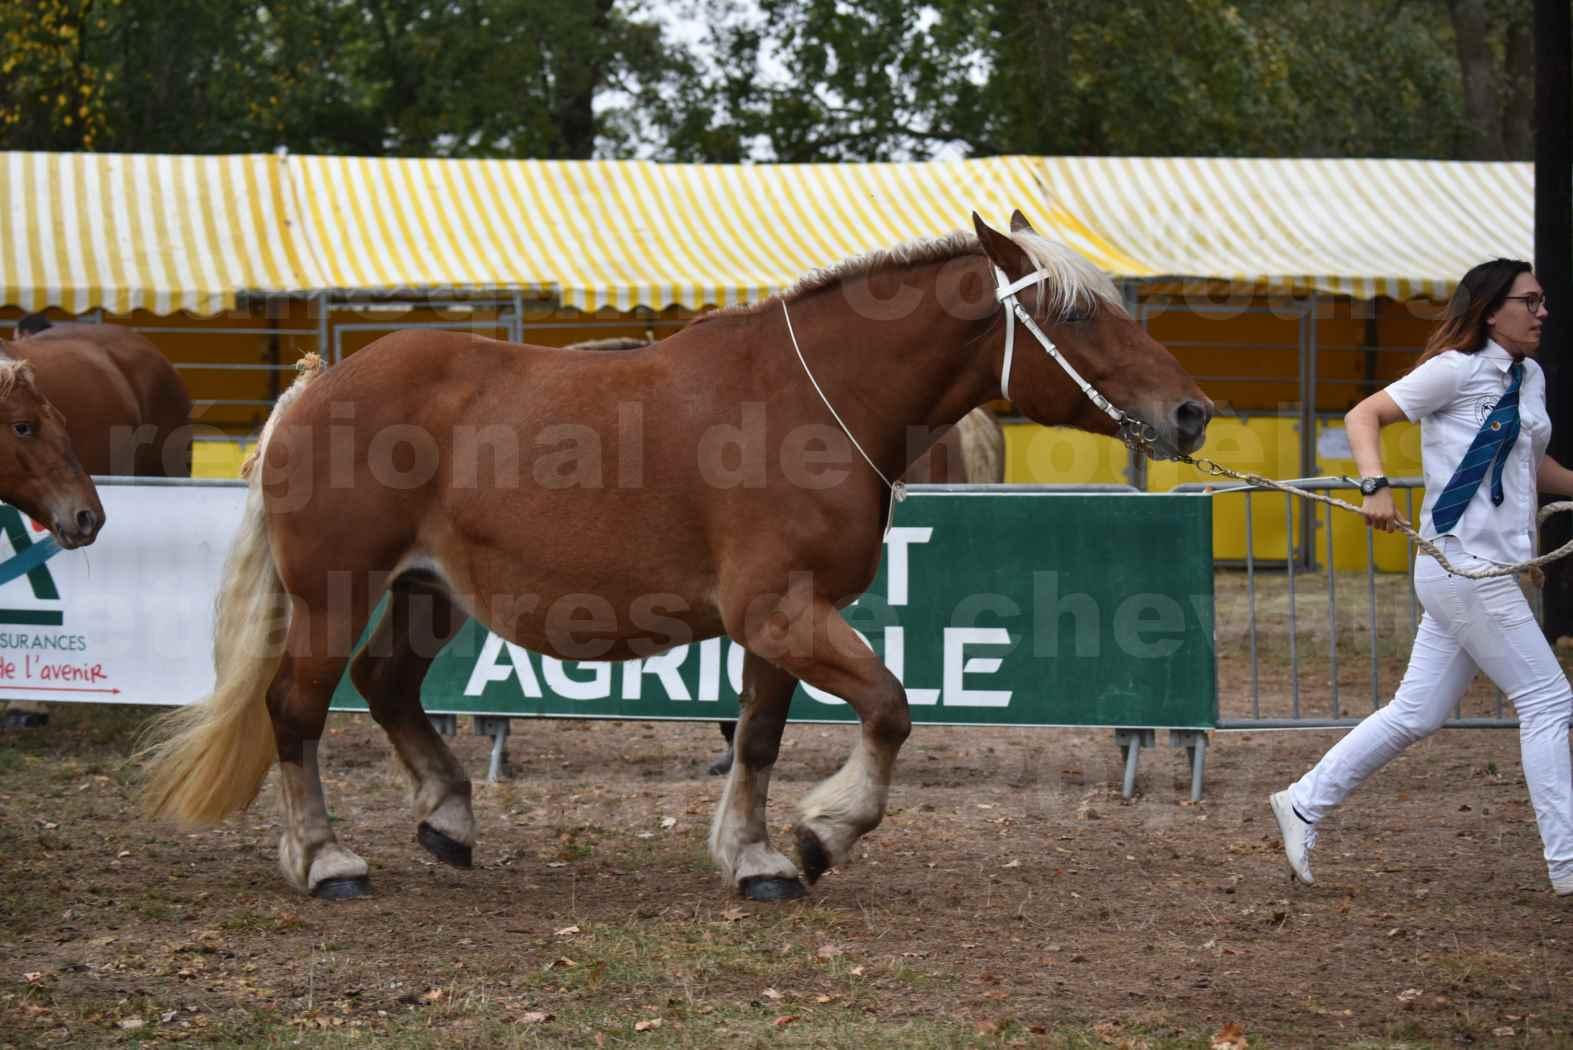 Concours Régional de chevaux de traits en 2017 - Jument & Poulain Trait COMTOIS - DAKOTA DU GARRIC - 02